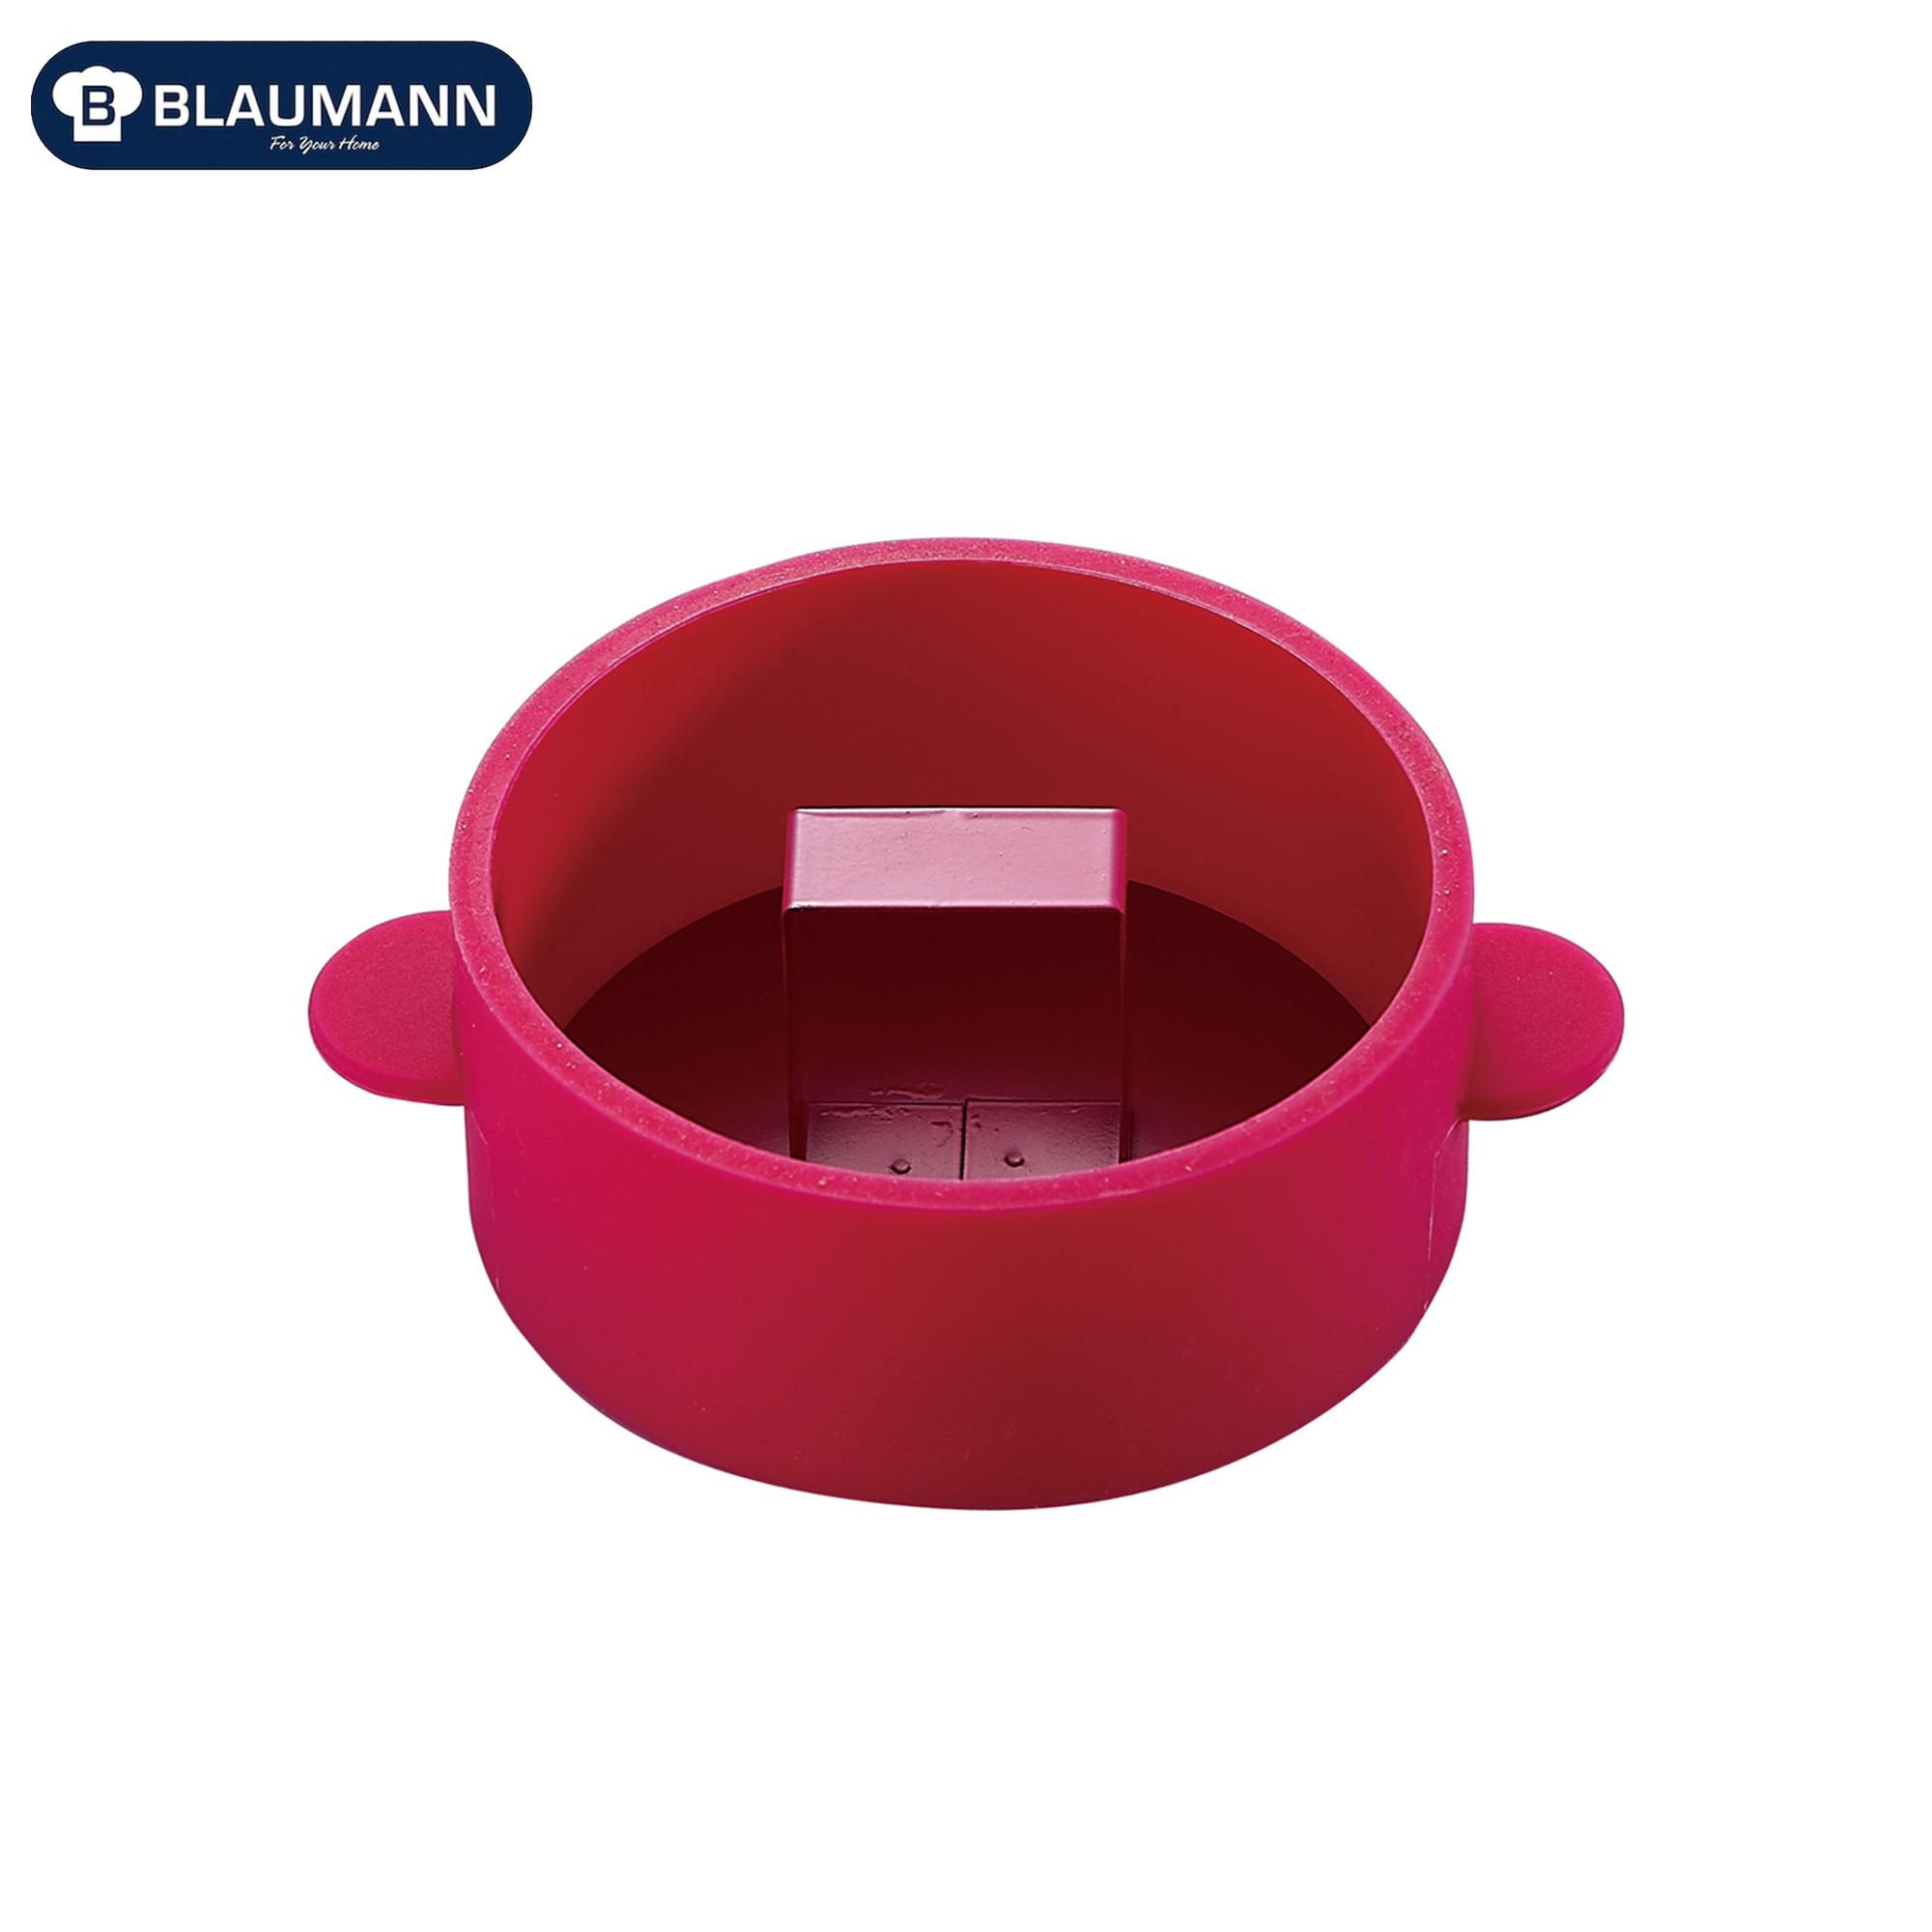 Blaumann BL-1196?: Pâtissie ravec poussoir en acier inoxydable Rouge